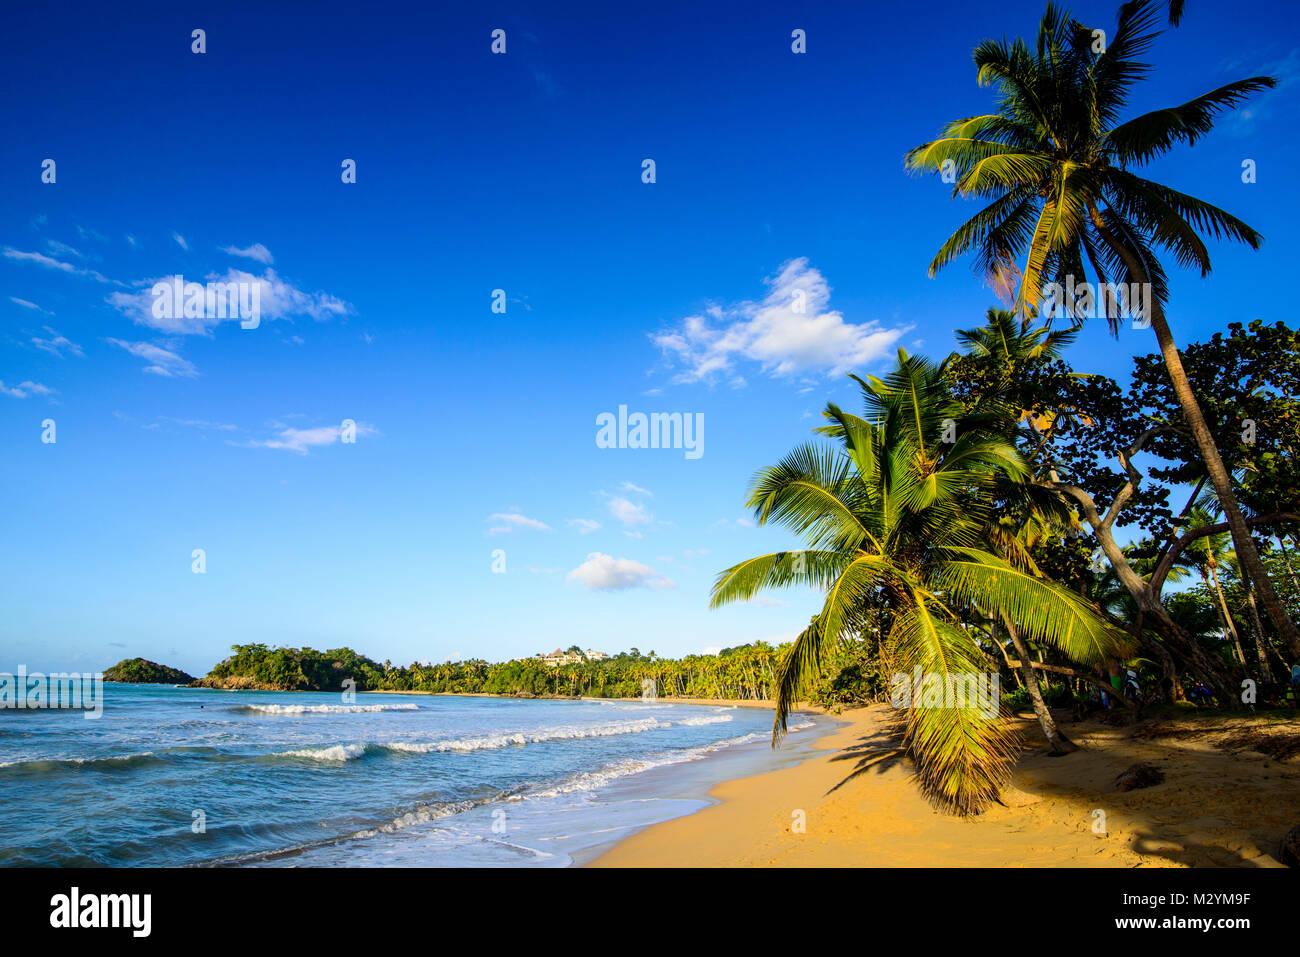 Playa Bonita, Playa Bonita, Las Terrenas, República Dominicana Imagen De Stock